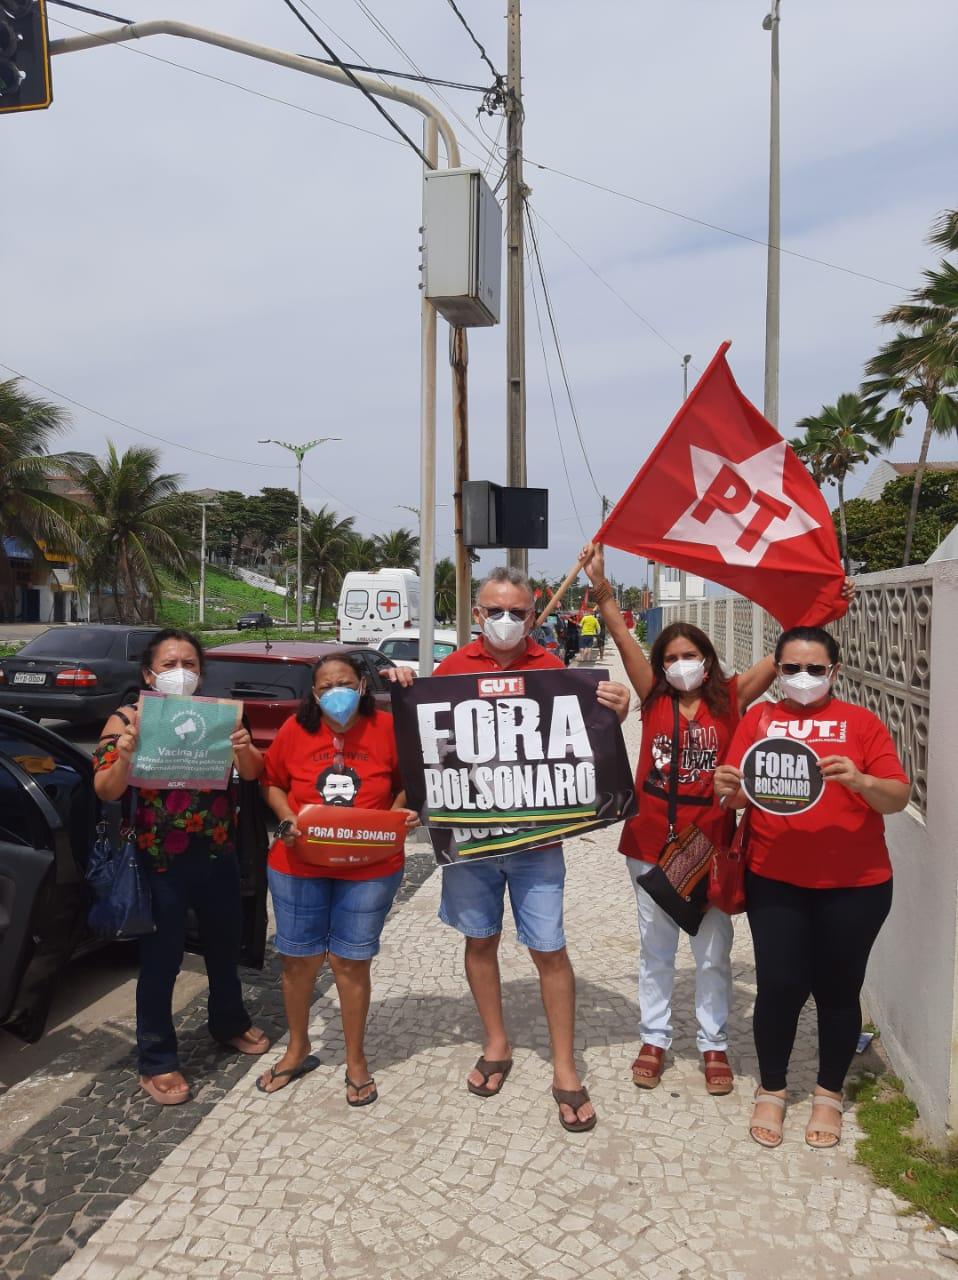 Militantes do DAP em Fortaleza - CE